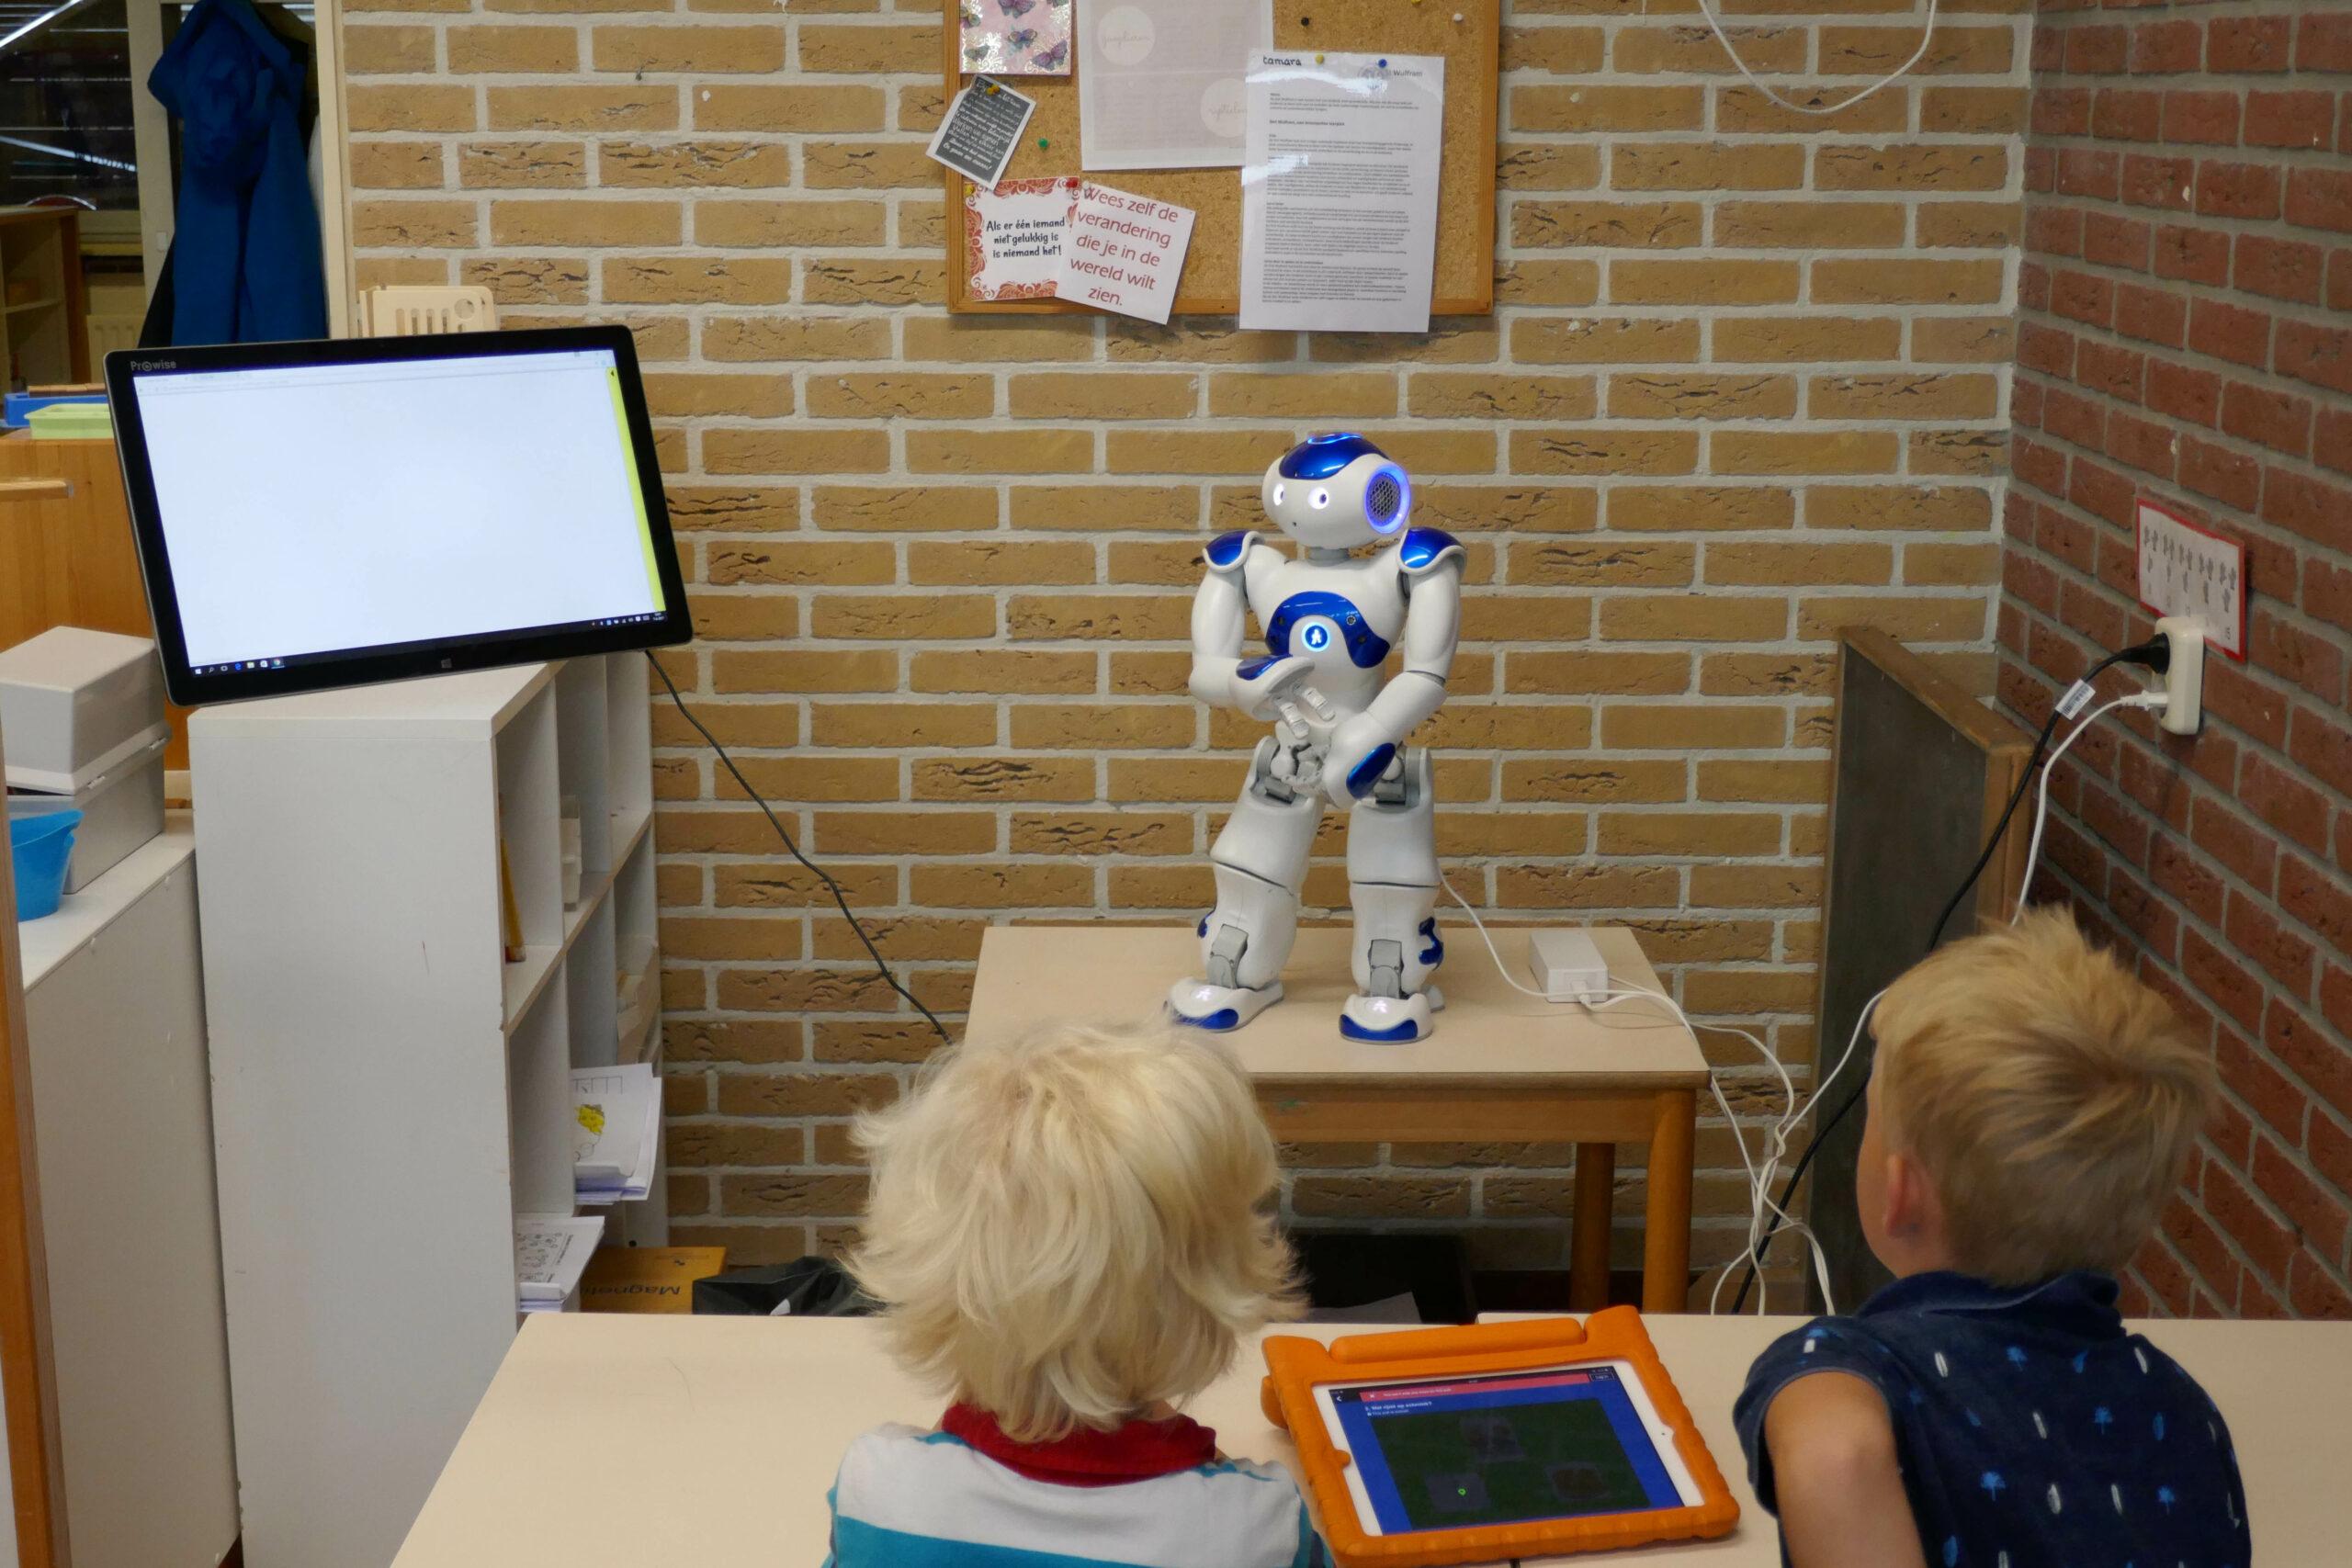 Kinderen werken met robot in de klas